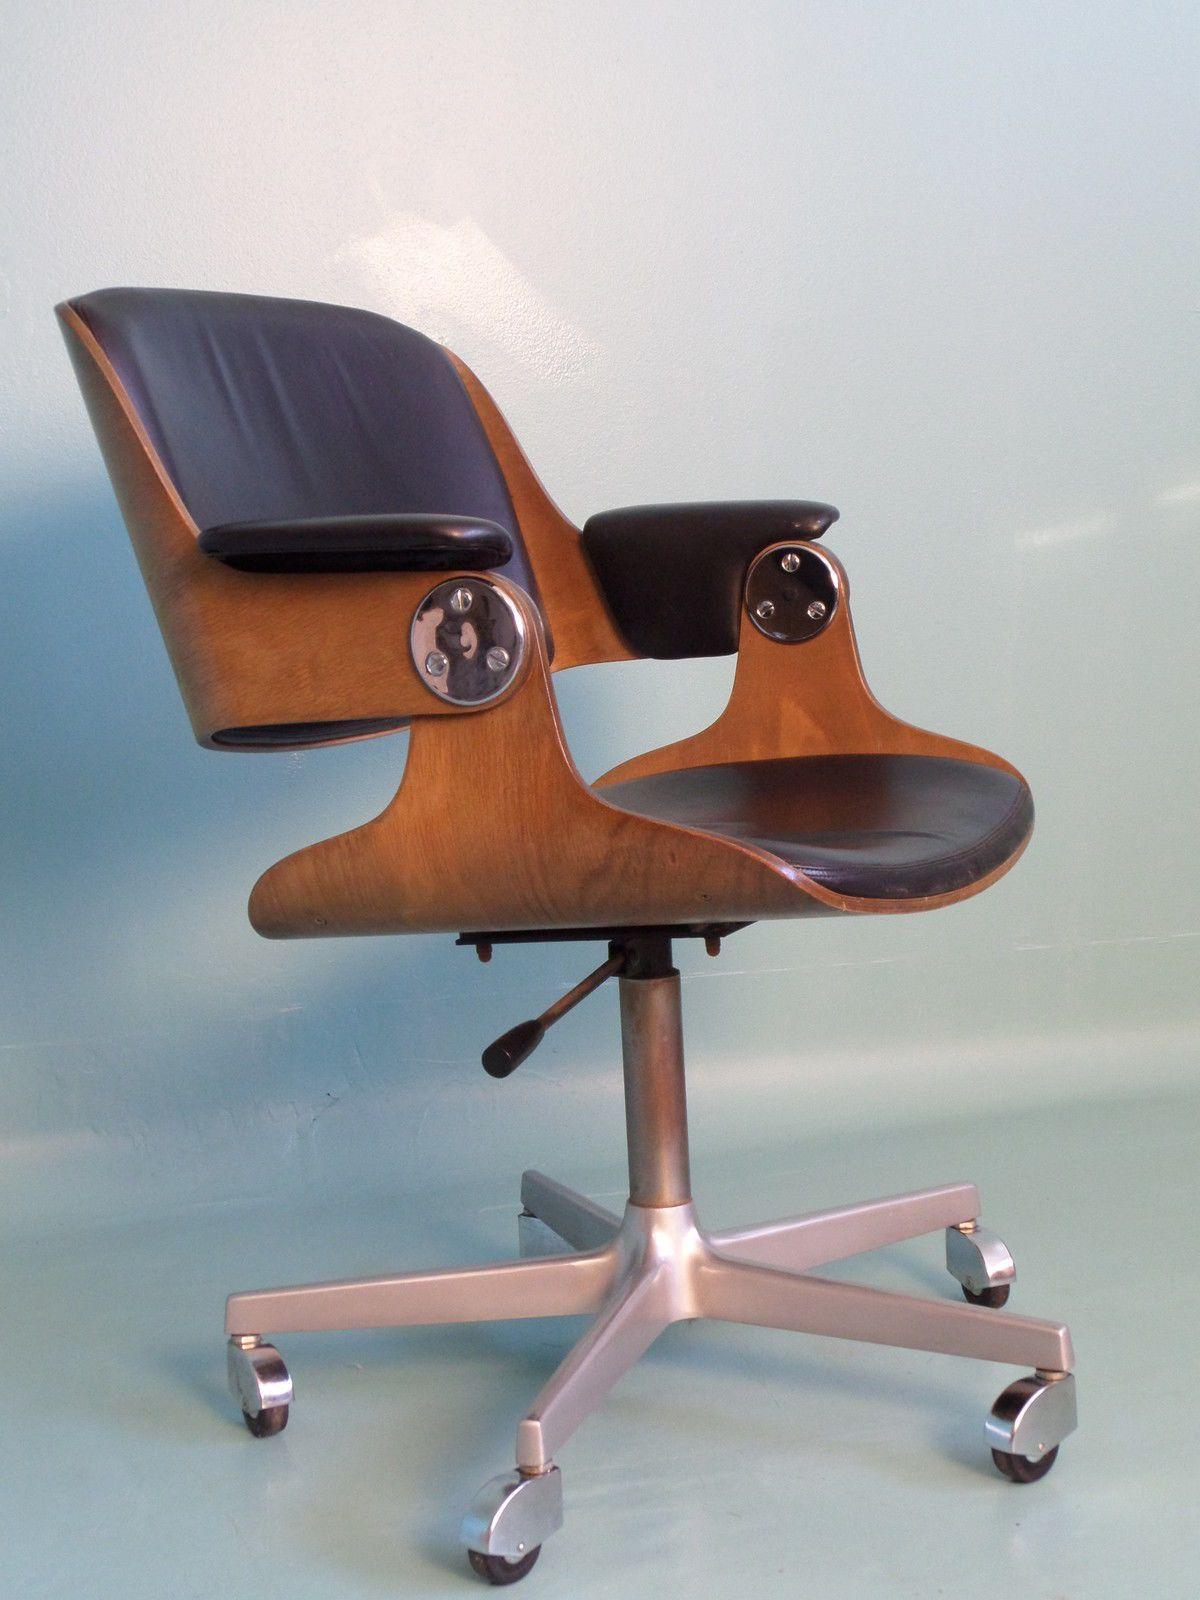 Eugen Schmidt Stuhl Schichtholz Leder Design 70er Darmstadt Knoll Eames ära  1/4